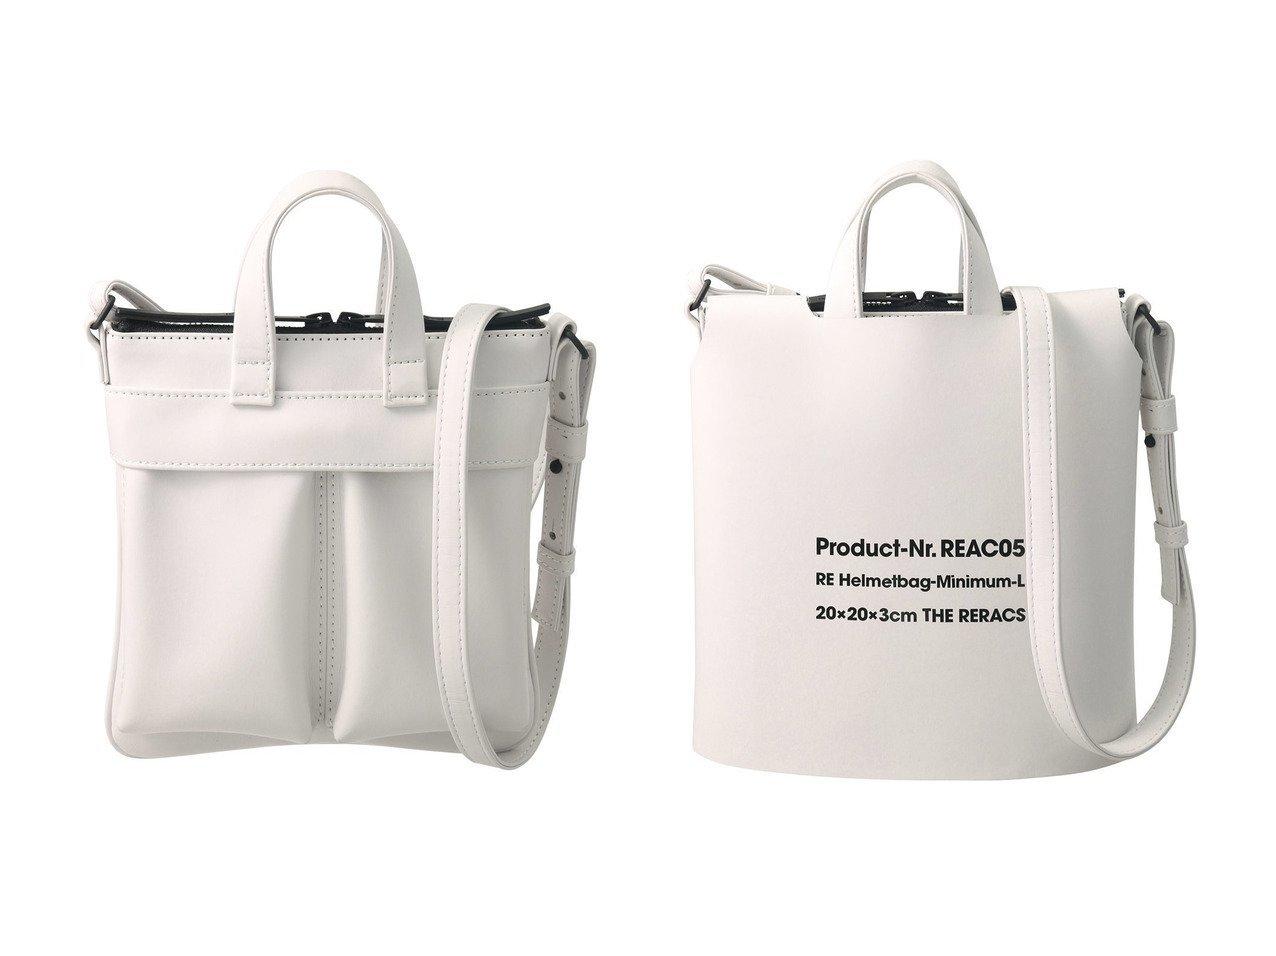 【THE RERACS/ザ リラクス】のミニマムヘルメットバッグ+カバー&ミニマムヘルメットバッグ バッグ・鞄のおすすめ!人気、トレンド・レディースファッションの通販 おすすめで人気の流行・トレンド、ファッションの通販商品 メンズファッション・キッズファッション・インテリア・家具・レディースファッション・服の通販 founy(ファニー) https://founy.com/ ファッション Fashion レディースファッション WOMEN バッグ Bag 2021年 2021 2021 春夏 S/S SS Spring/Summer 2021 S/S 春夏 SS Spring/Summer ショルダー シンプル フロント ポケット 春 Spring |ID:crp329100000014984